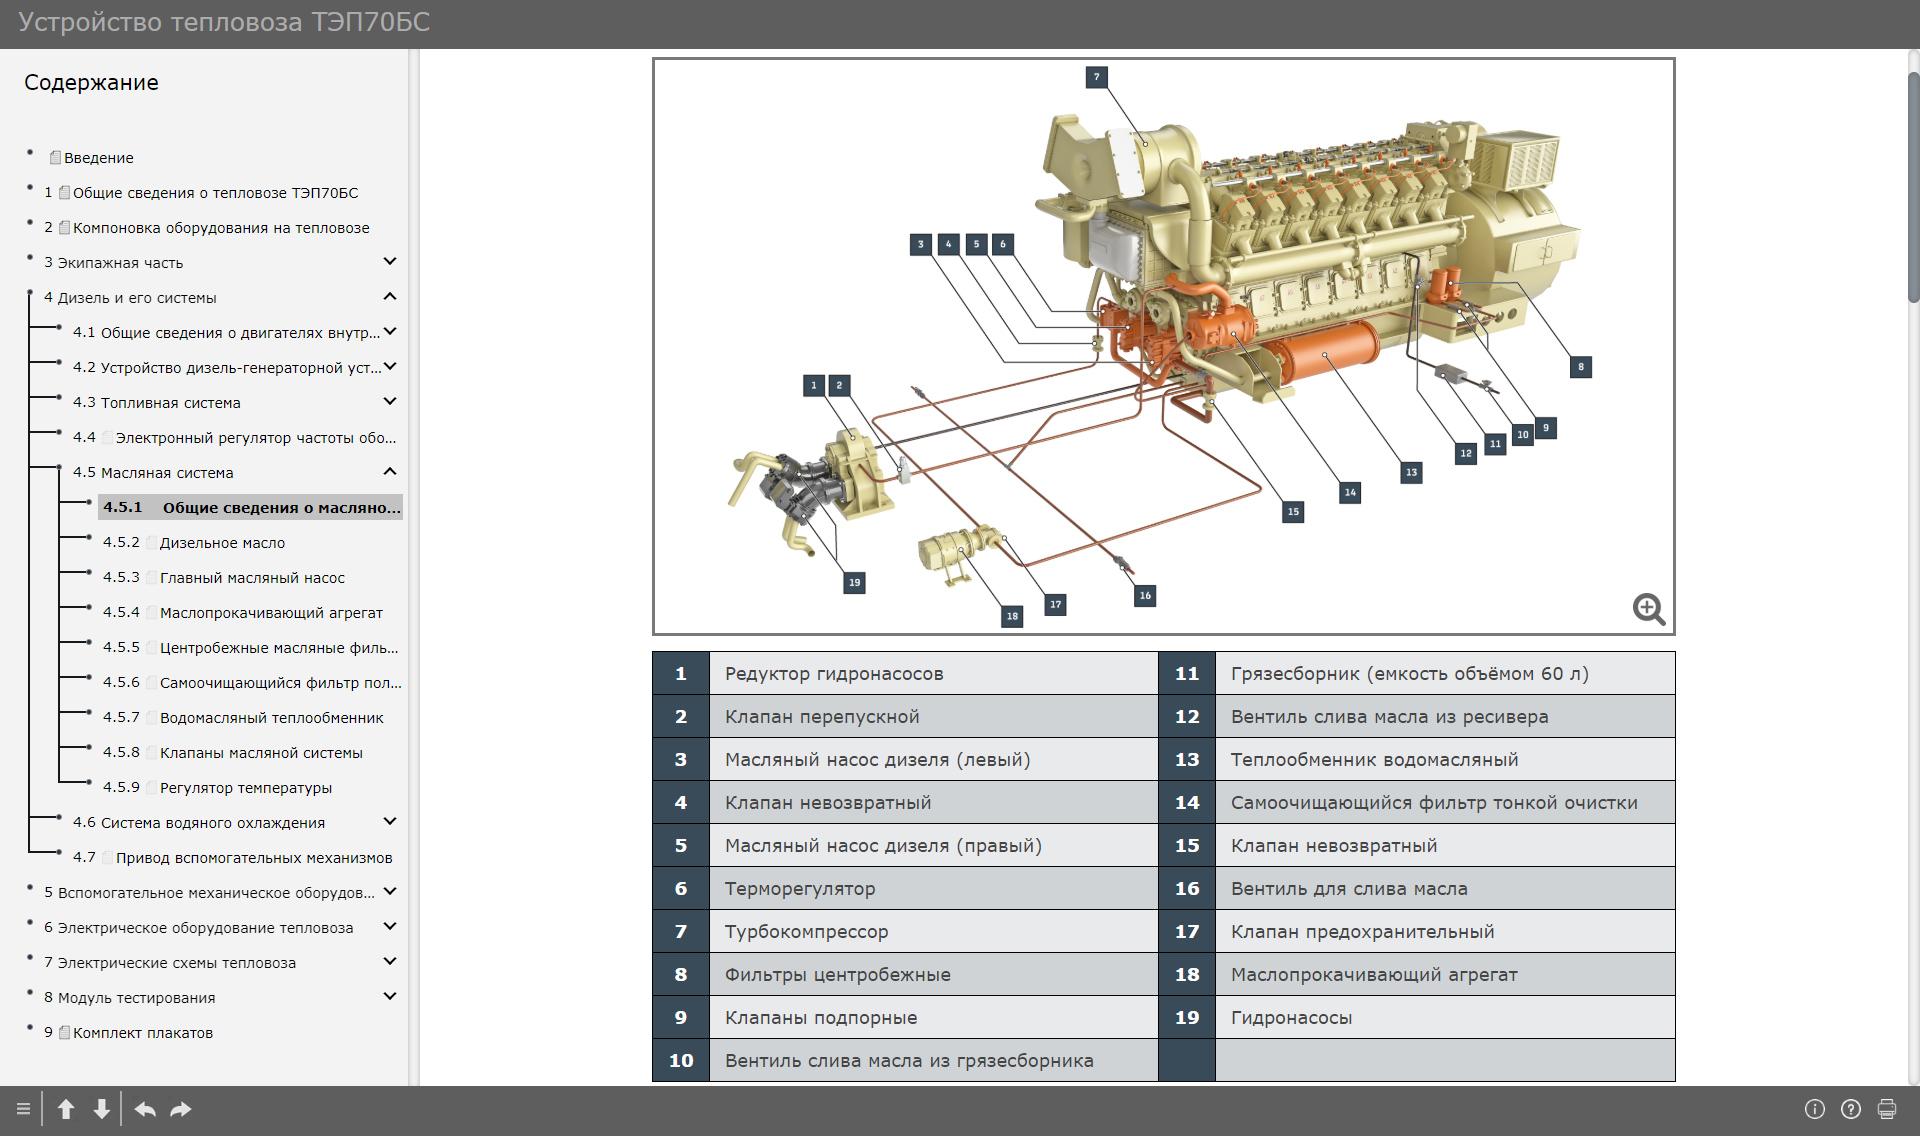 tep70bs 010 Электронный учебный комплекс «Устройство тепловоза ТЭП70БС»